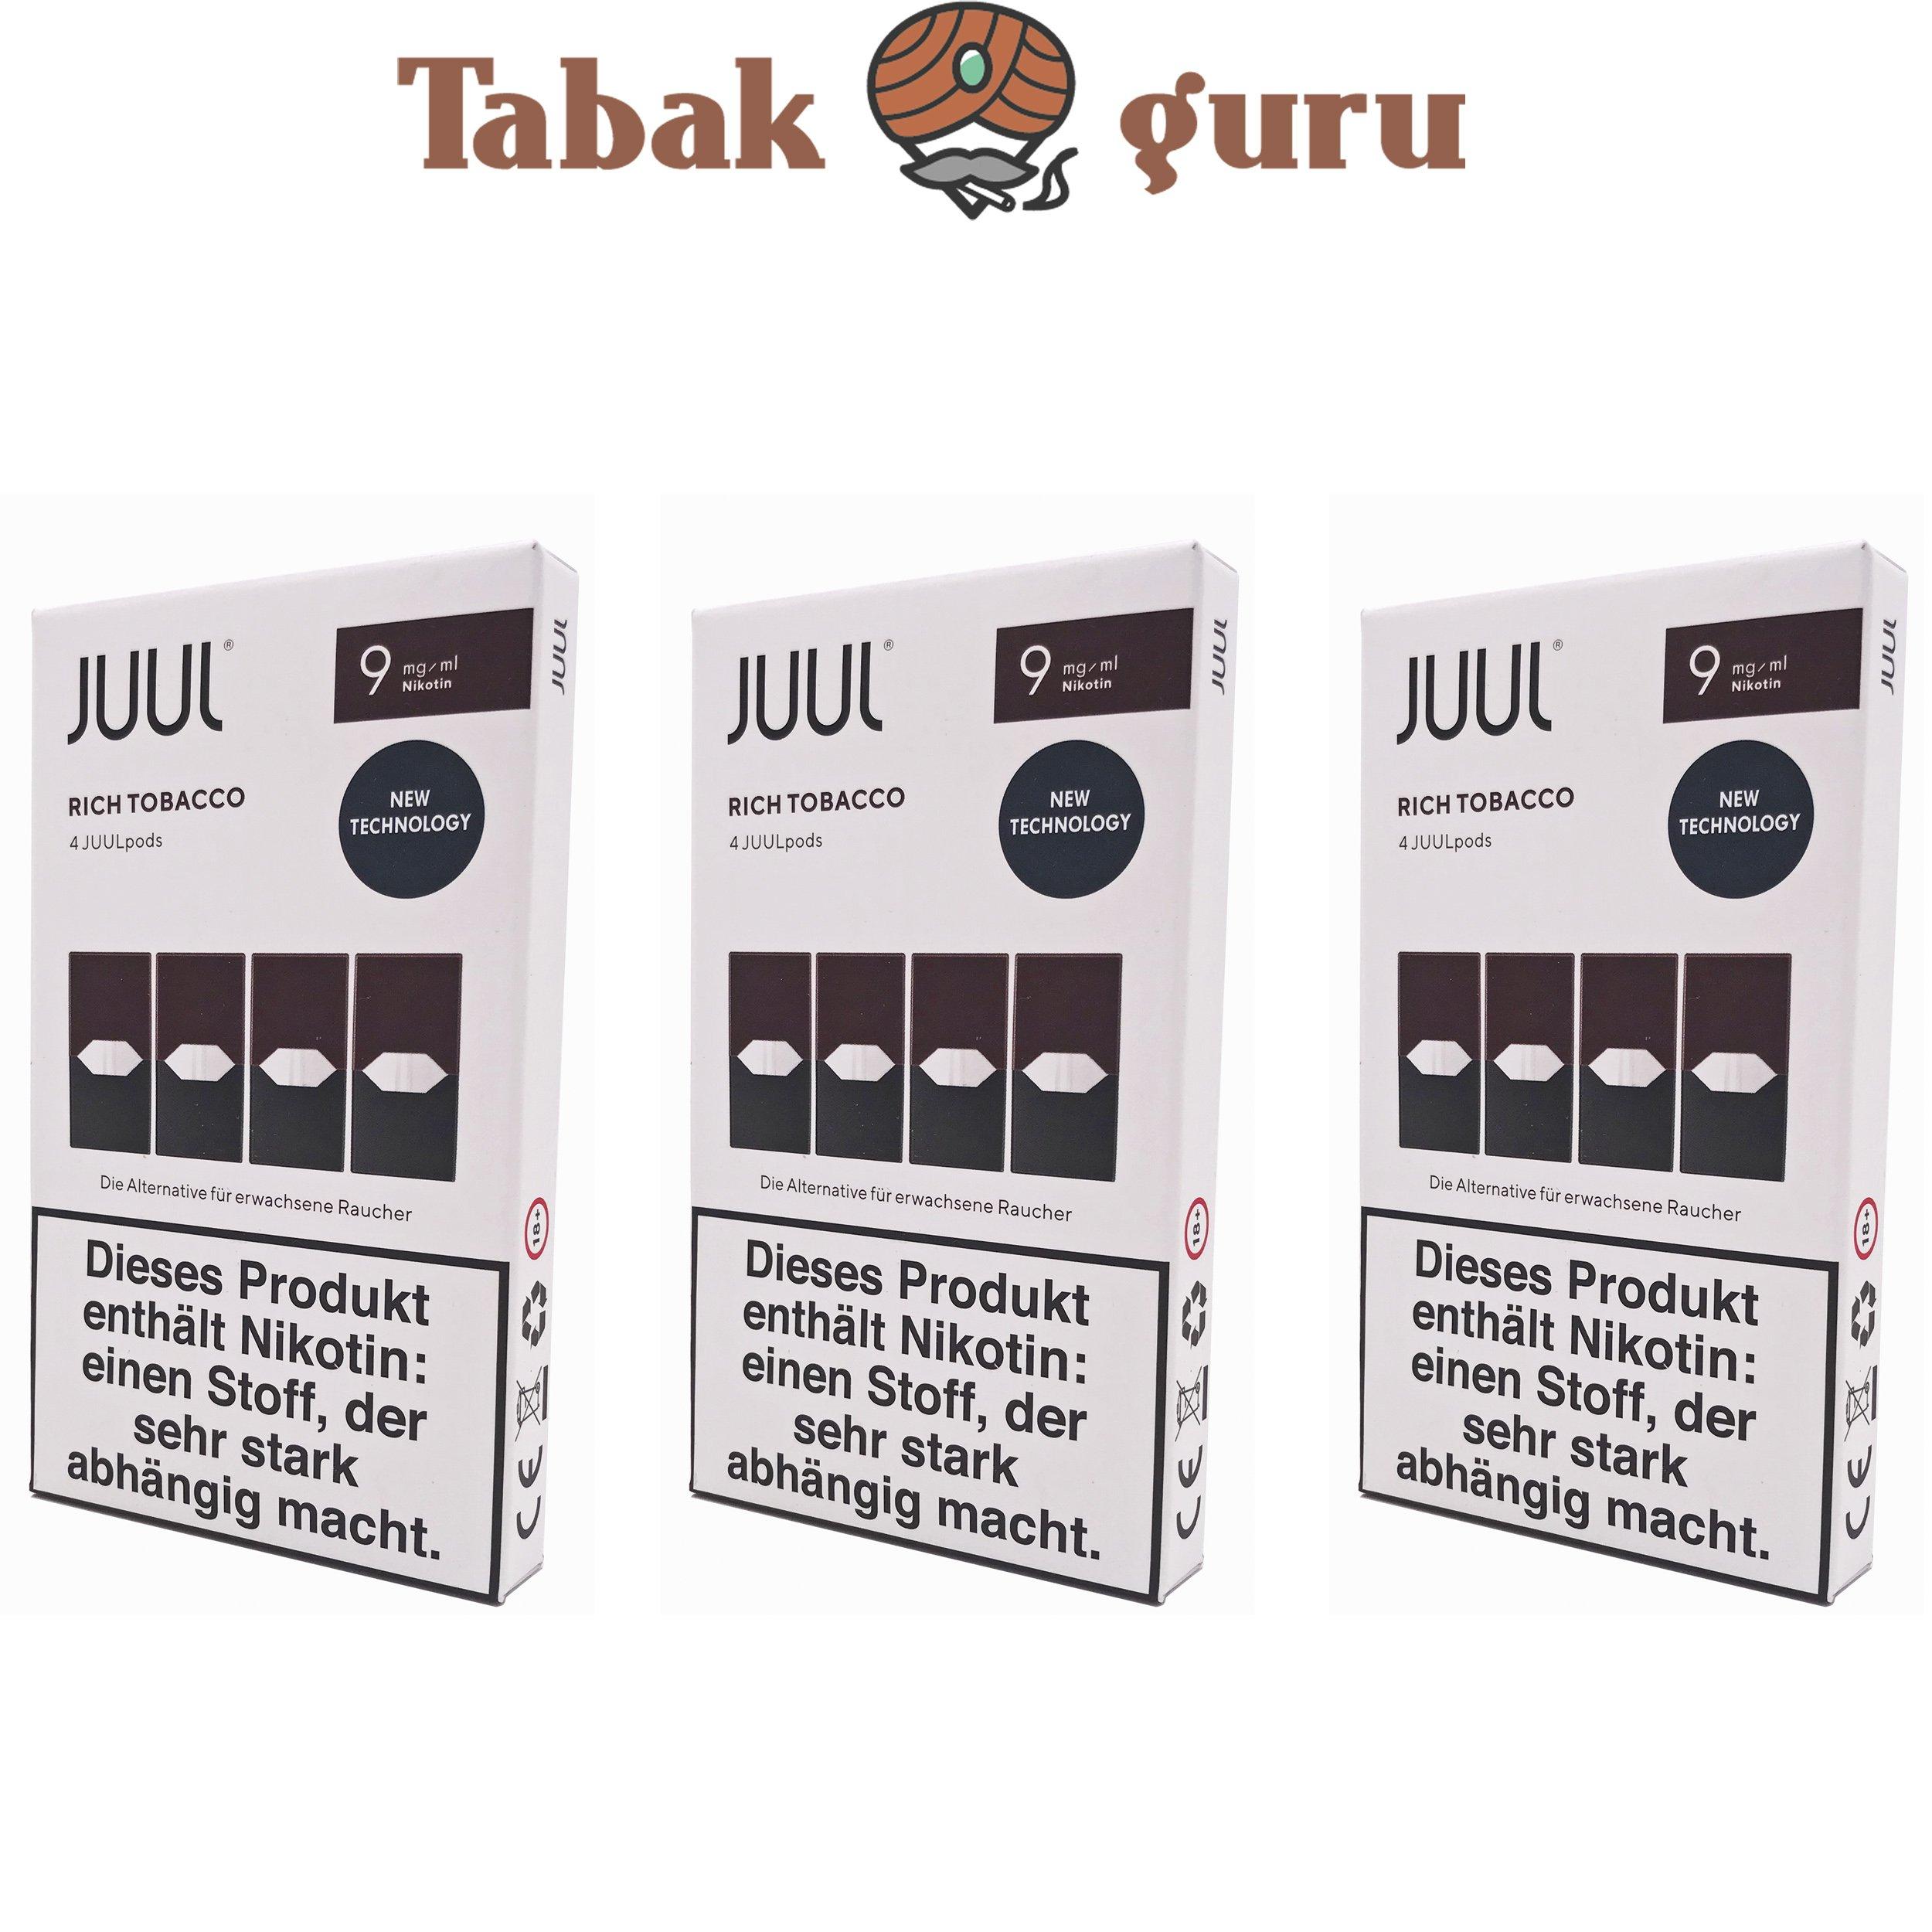 JUUL 3 Packungen Rich Tobacco Pods 9mg/ml á 4 Pods